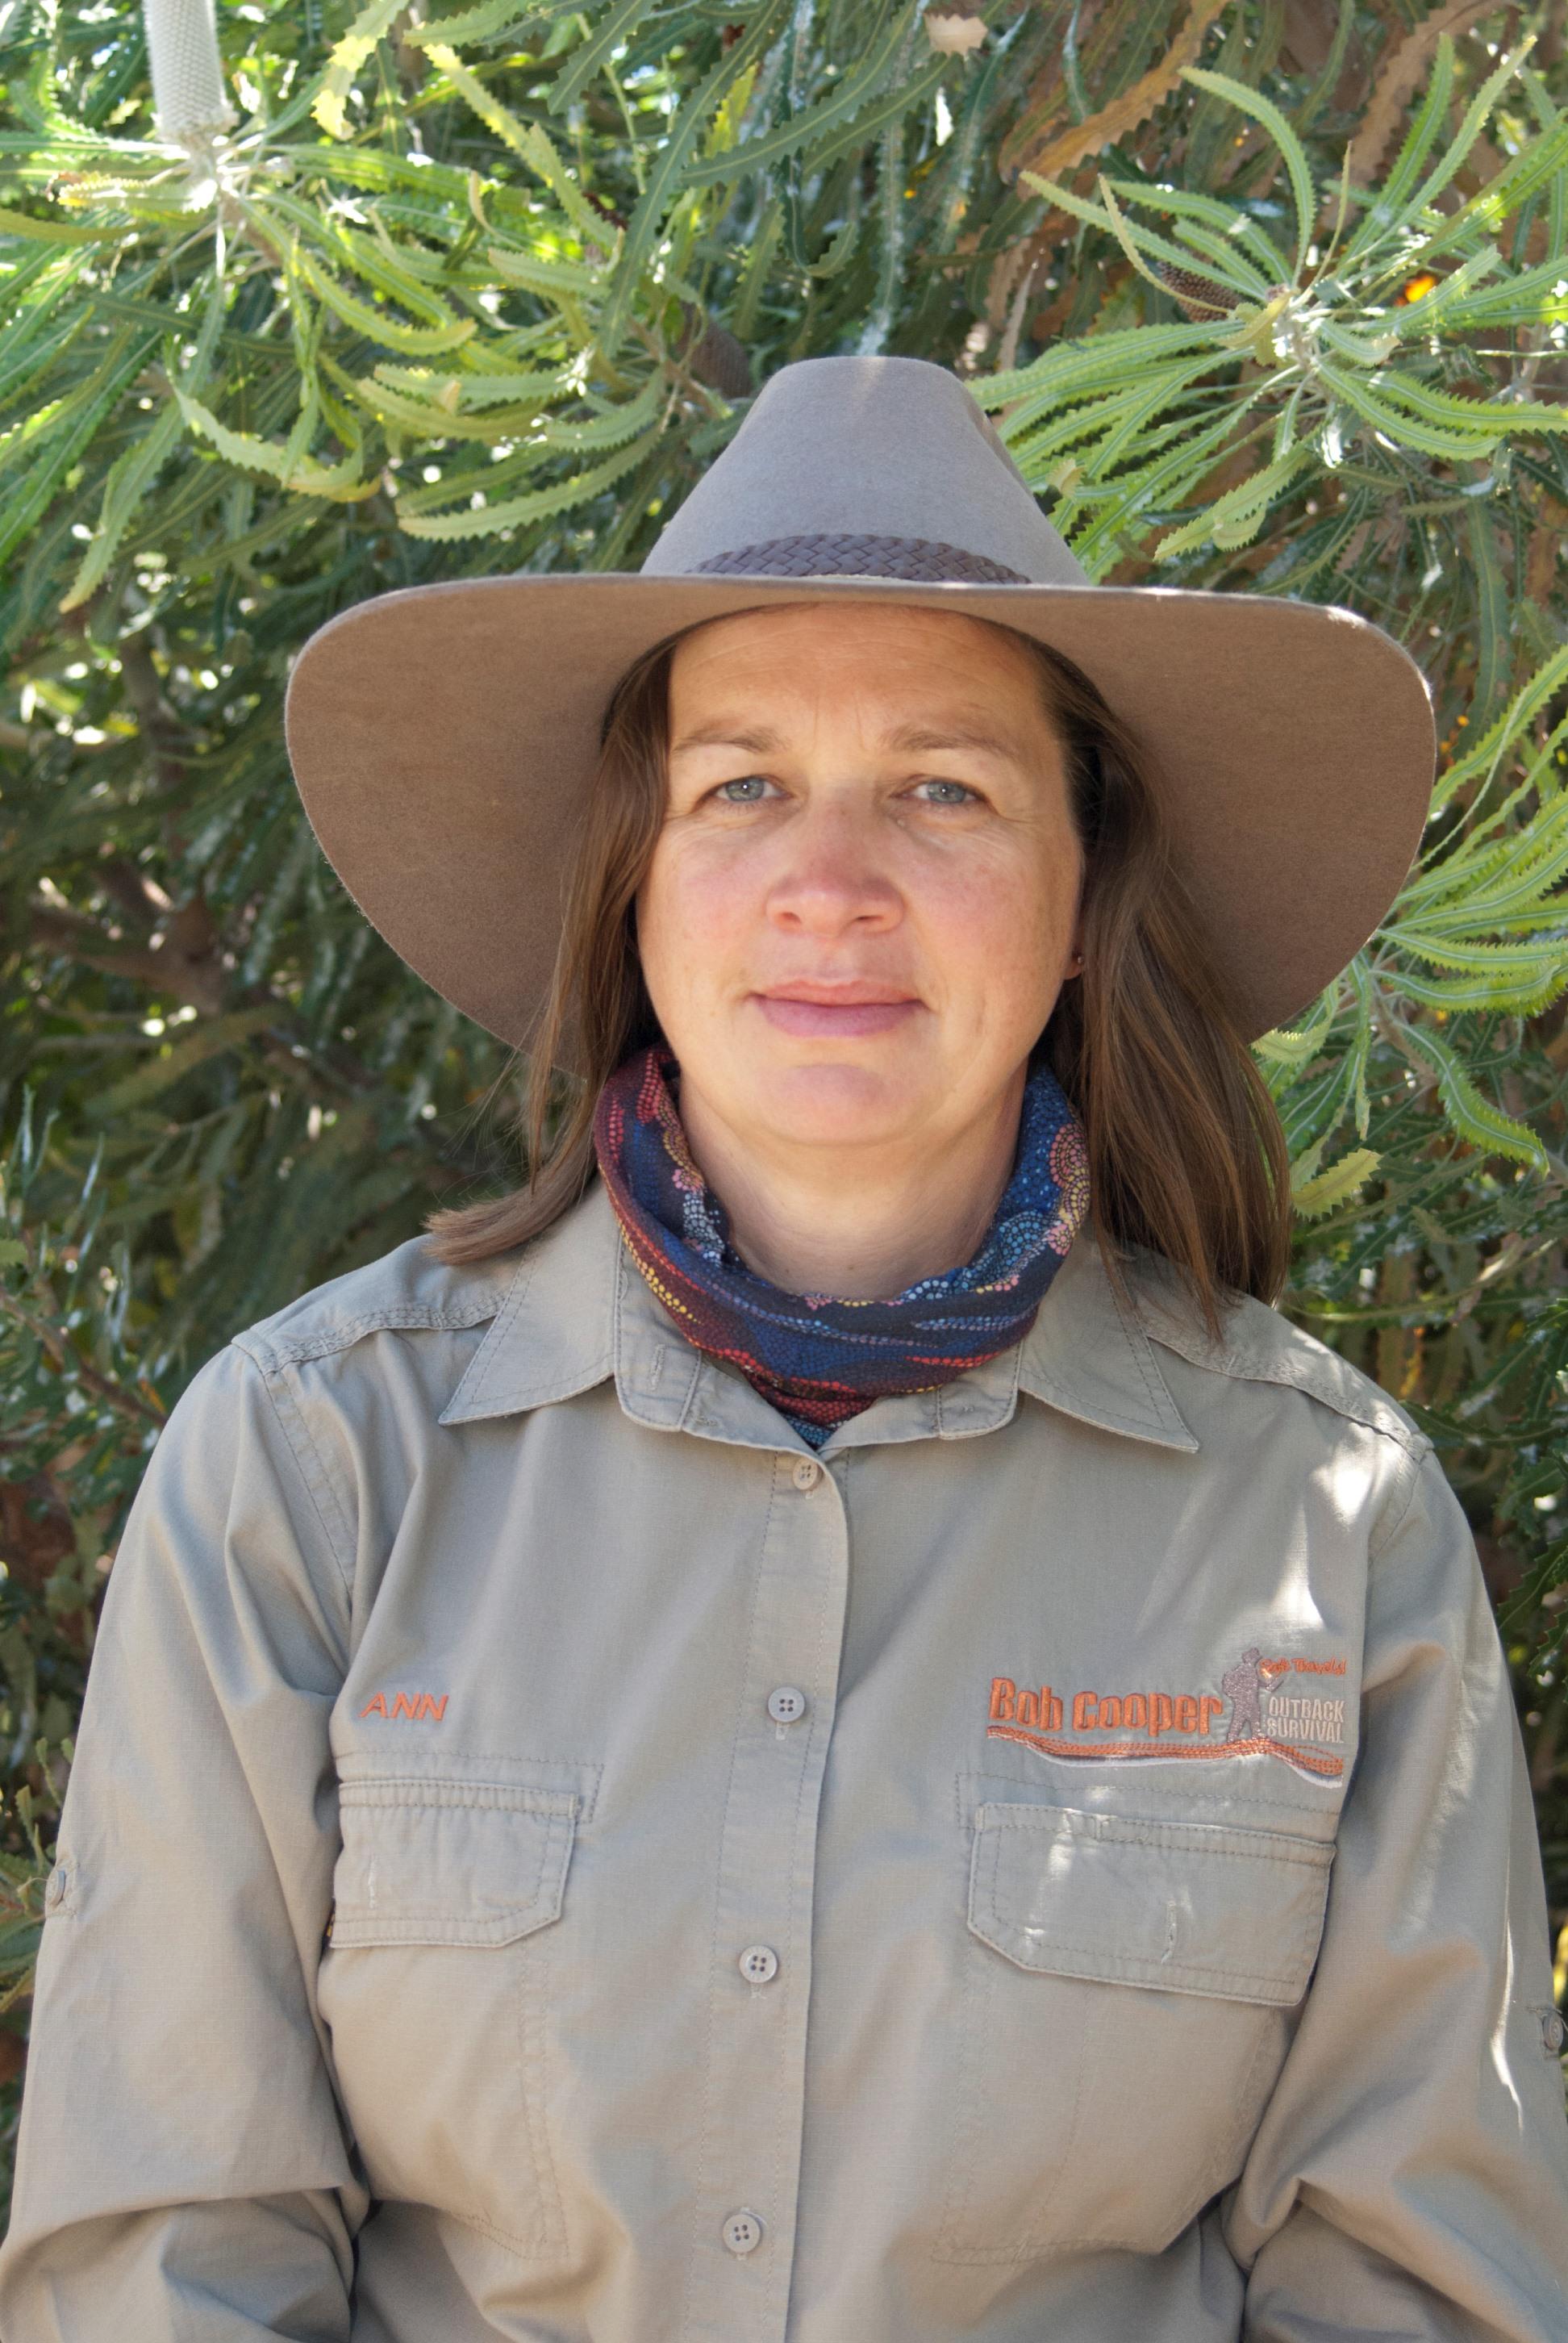 Ann Gerlach